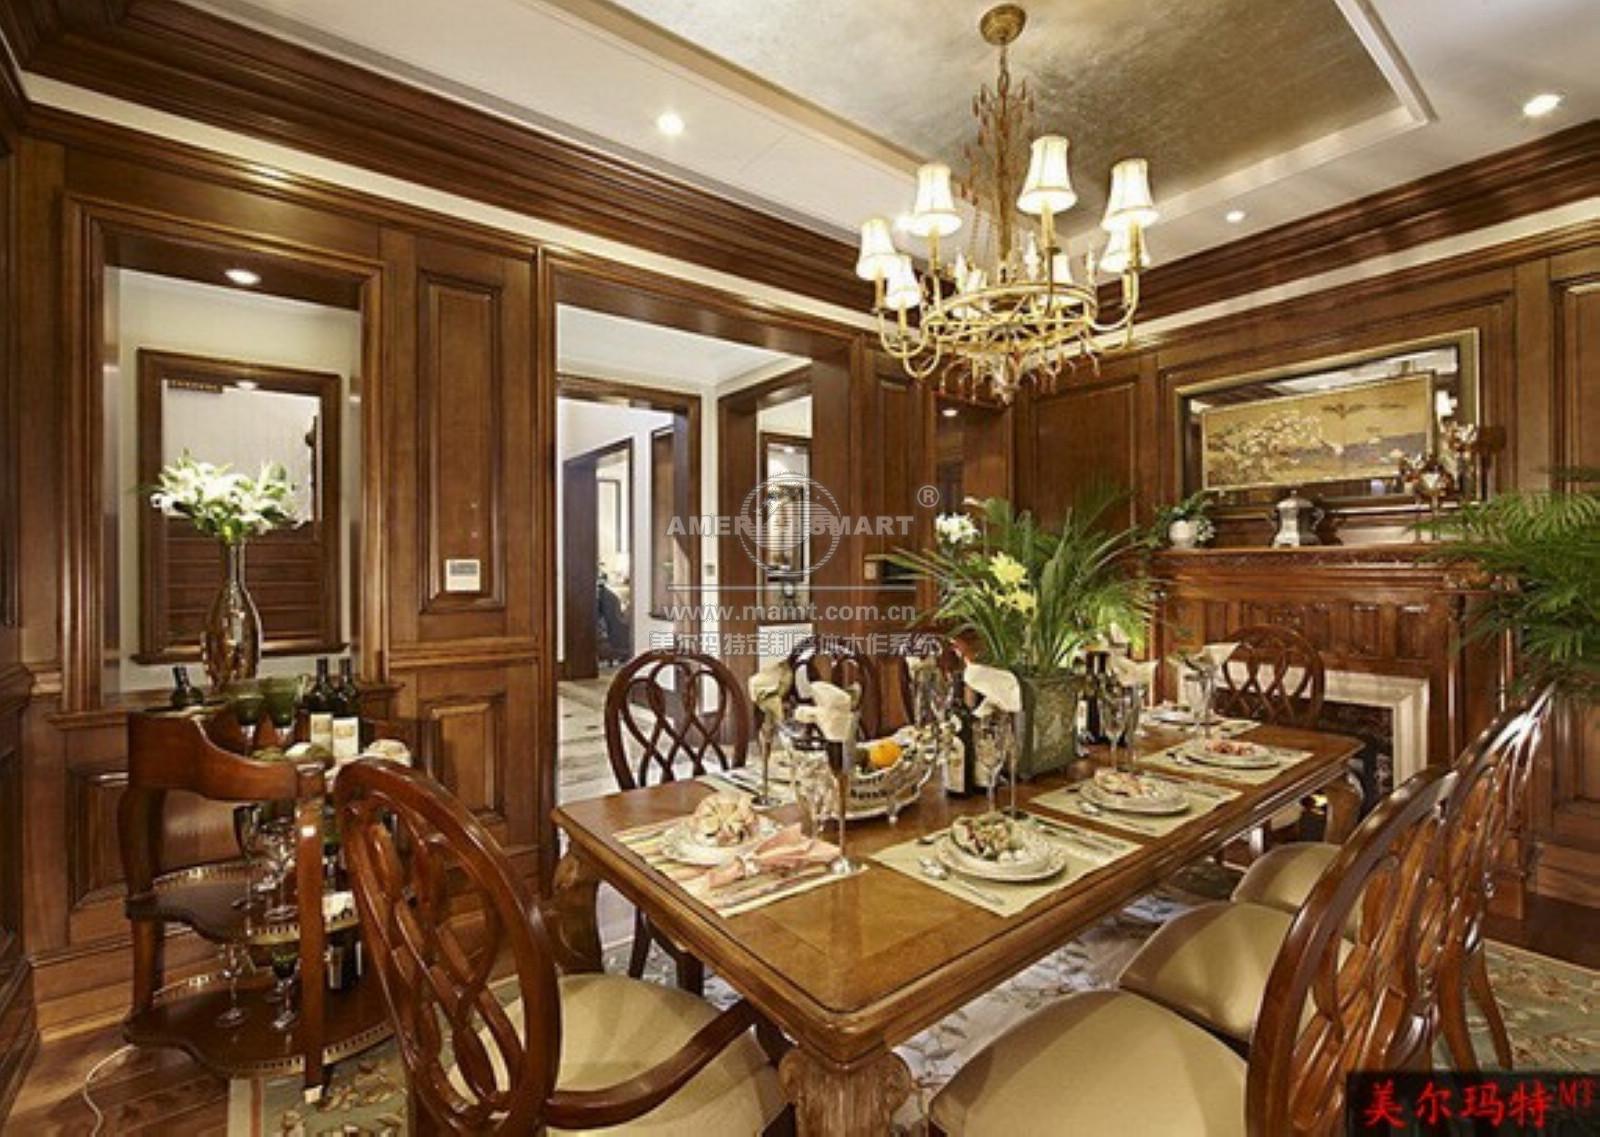 整体木作餐厅   整体木作系统应用产品包括:pu/木制天花吊顶系统,墙板